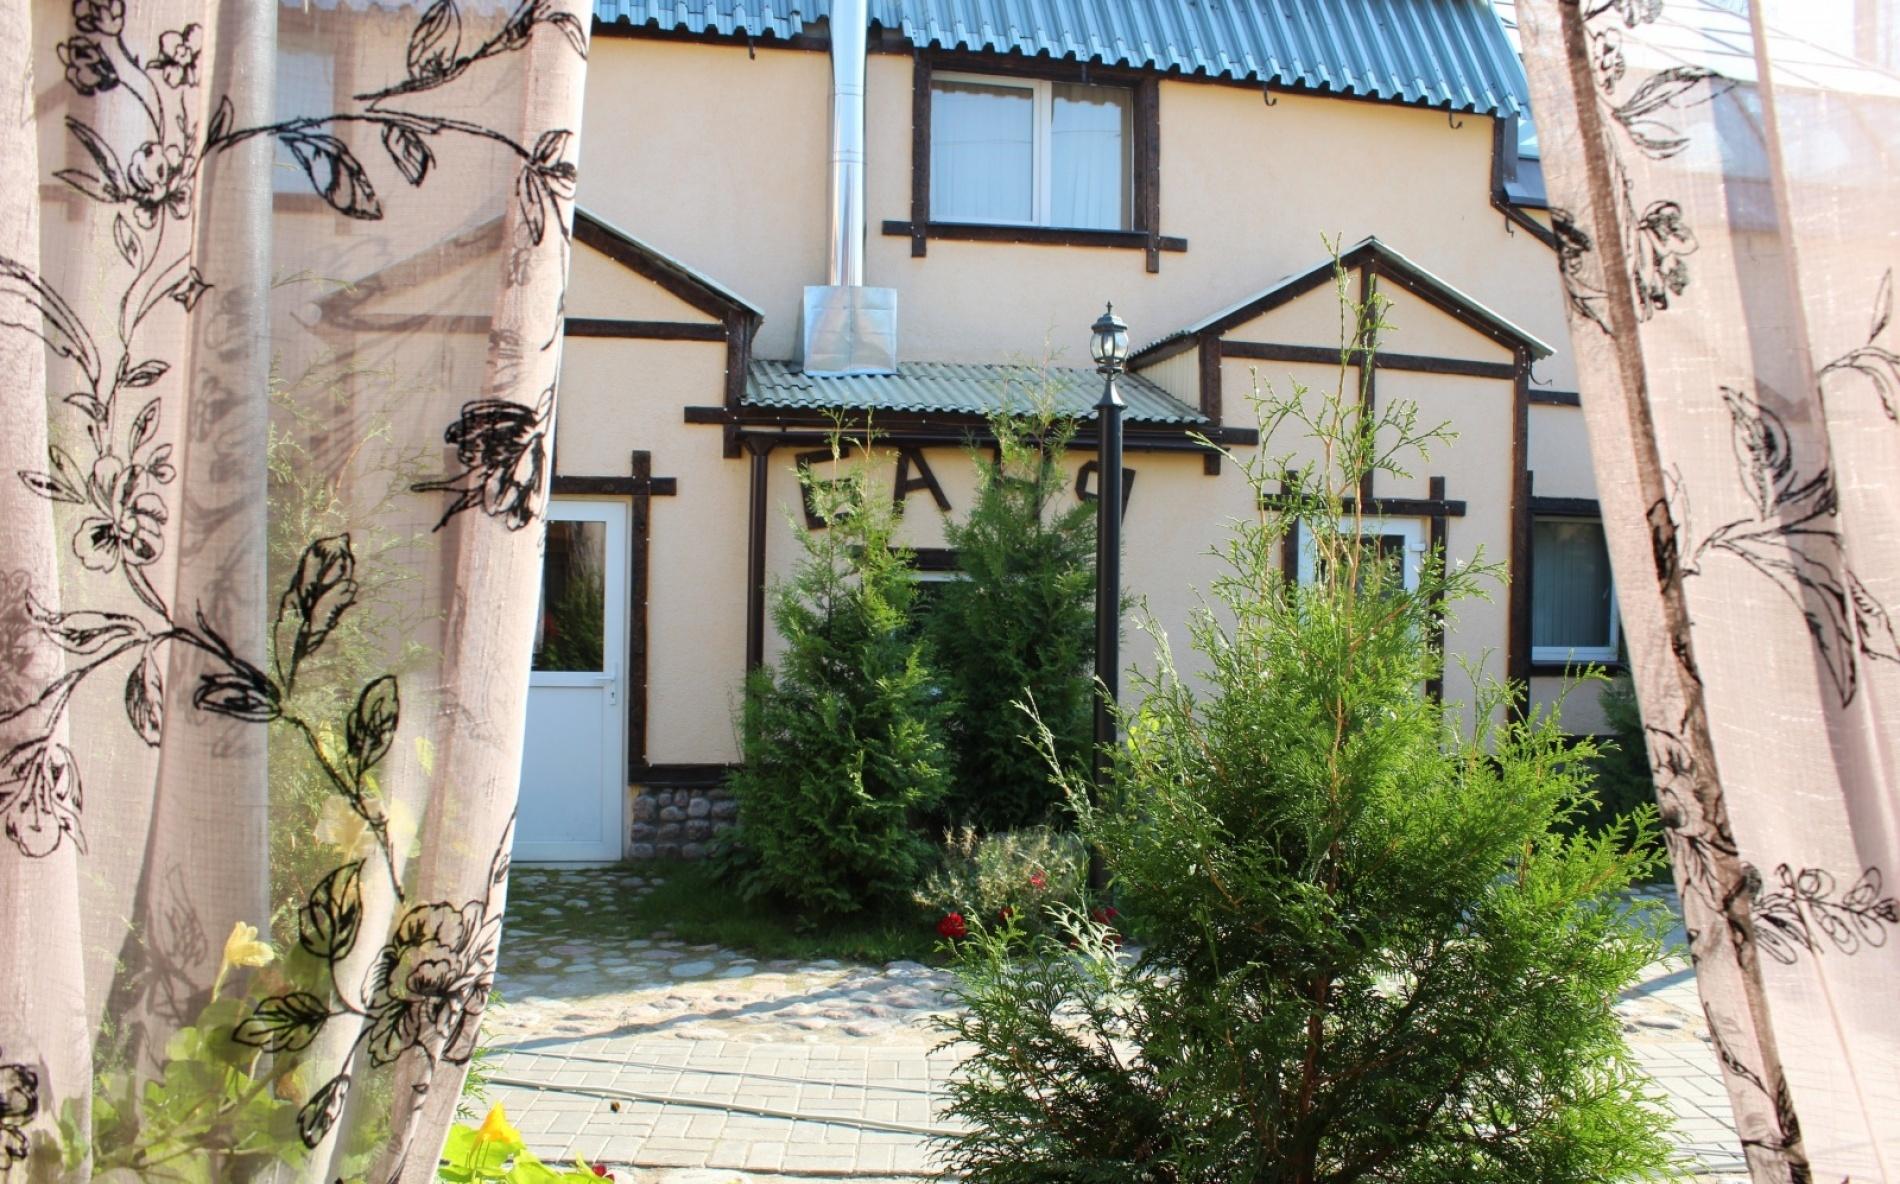 Загородный гостиничный комплекс «Старые традиции» Ленинградская область, фото 6